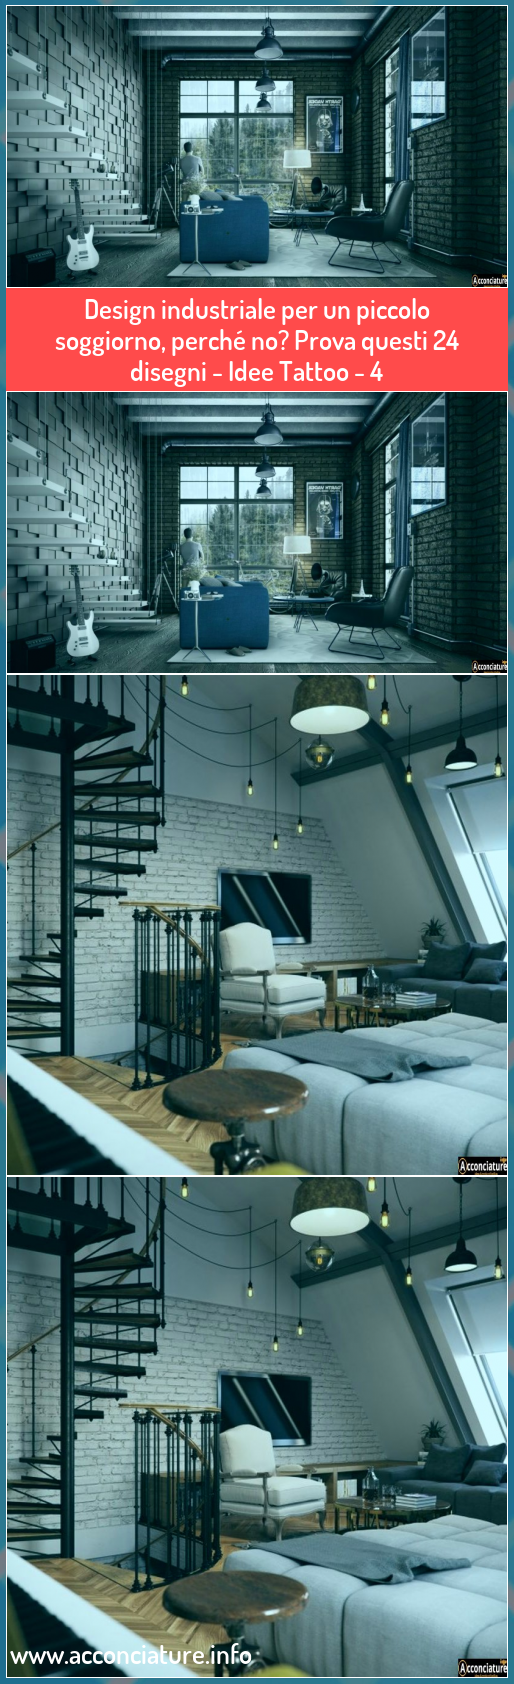 Photo of Design industriale per un piccolo soggiorno, perché no? Prova questi 24 disegni…